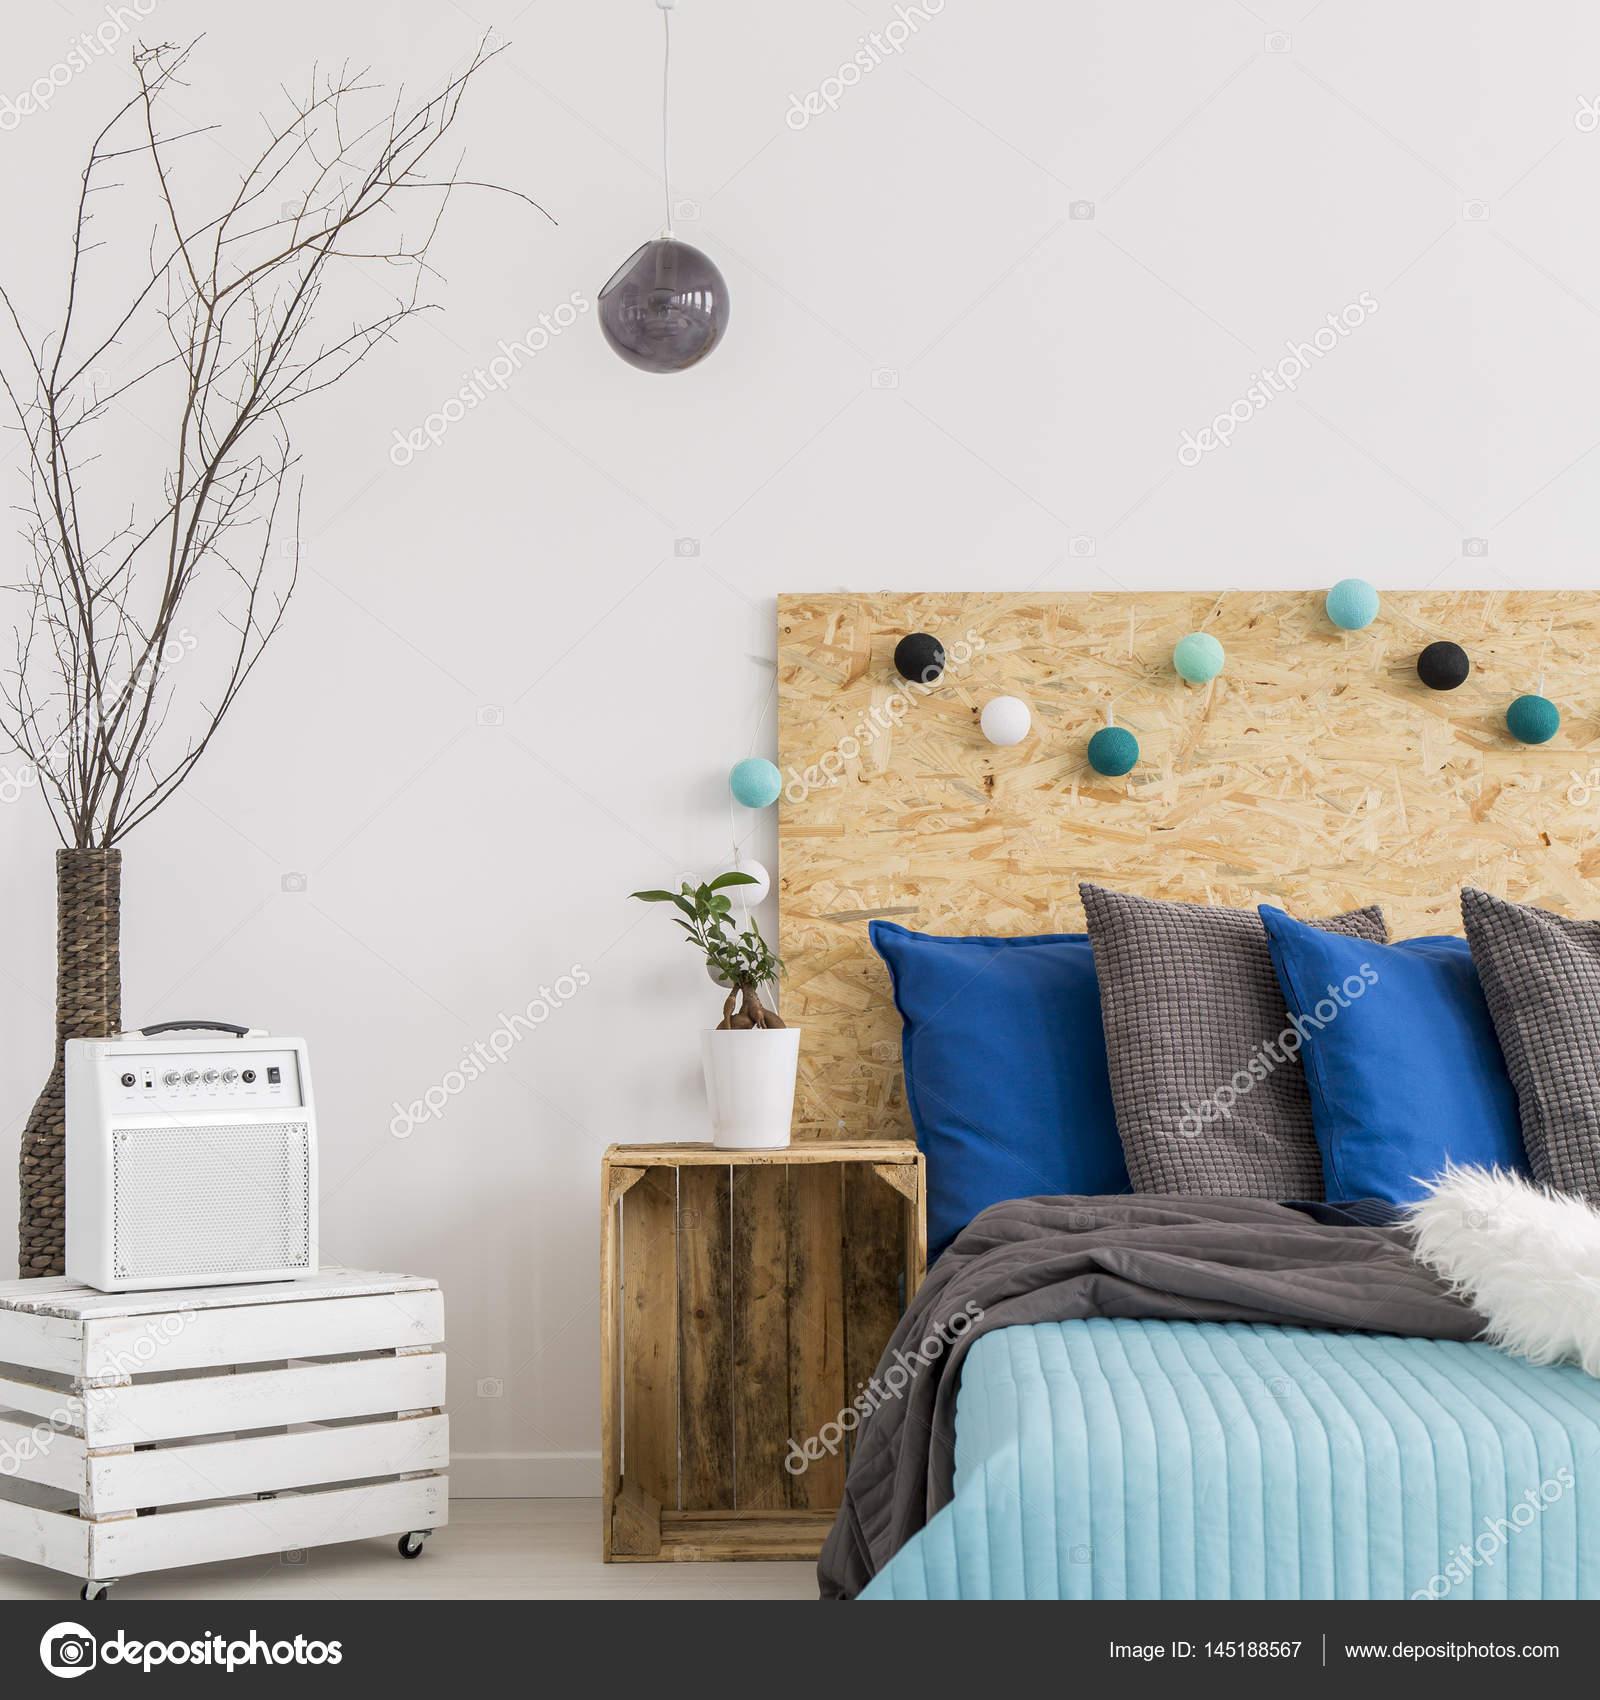 Dormitorio Con Muebles Hechos A Mano Madera Foto De Stock  # Muebles Hechos A Mano